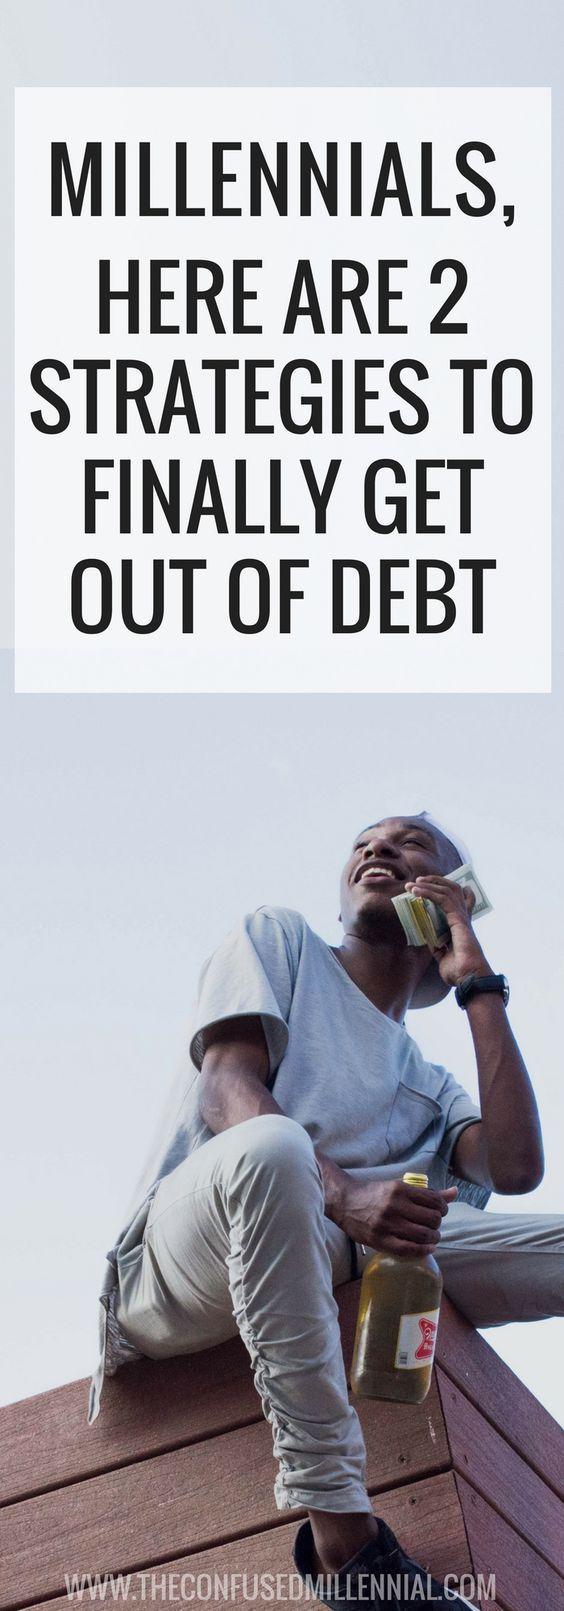 millennial money tips, debt repayment, debt snowball, debt avalanche, how to repay debt, #debt, #debtrelief, #debtrepayment, #getoutofdebt, #snowballmethod, #avalanchemethod, #repairyourcredit, #millennialmoney